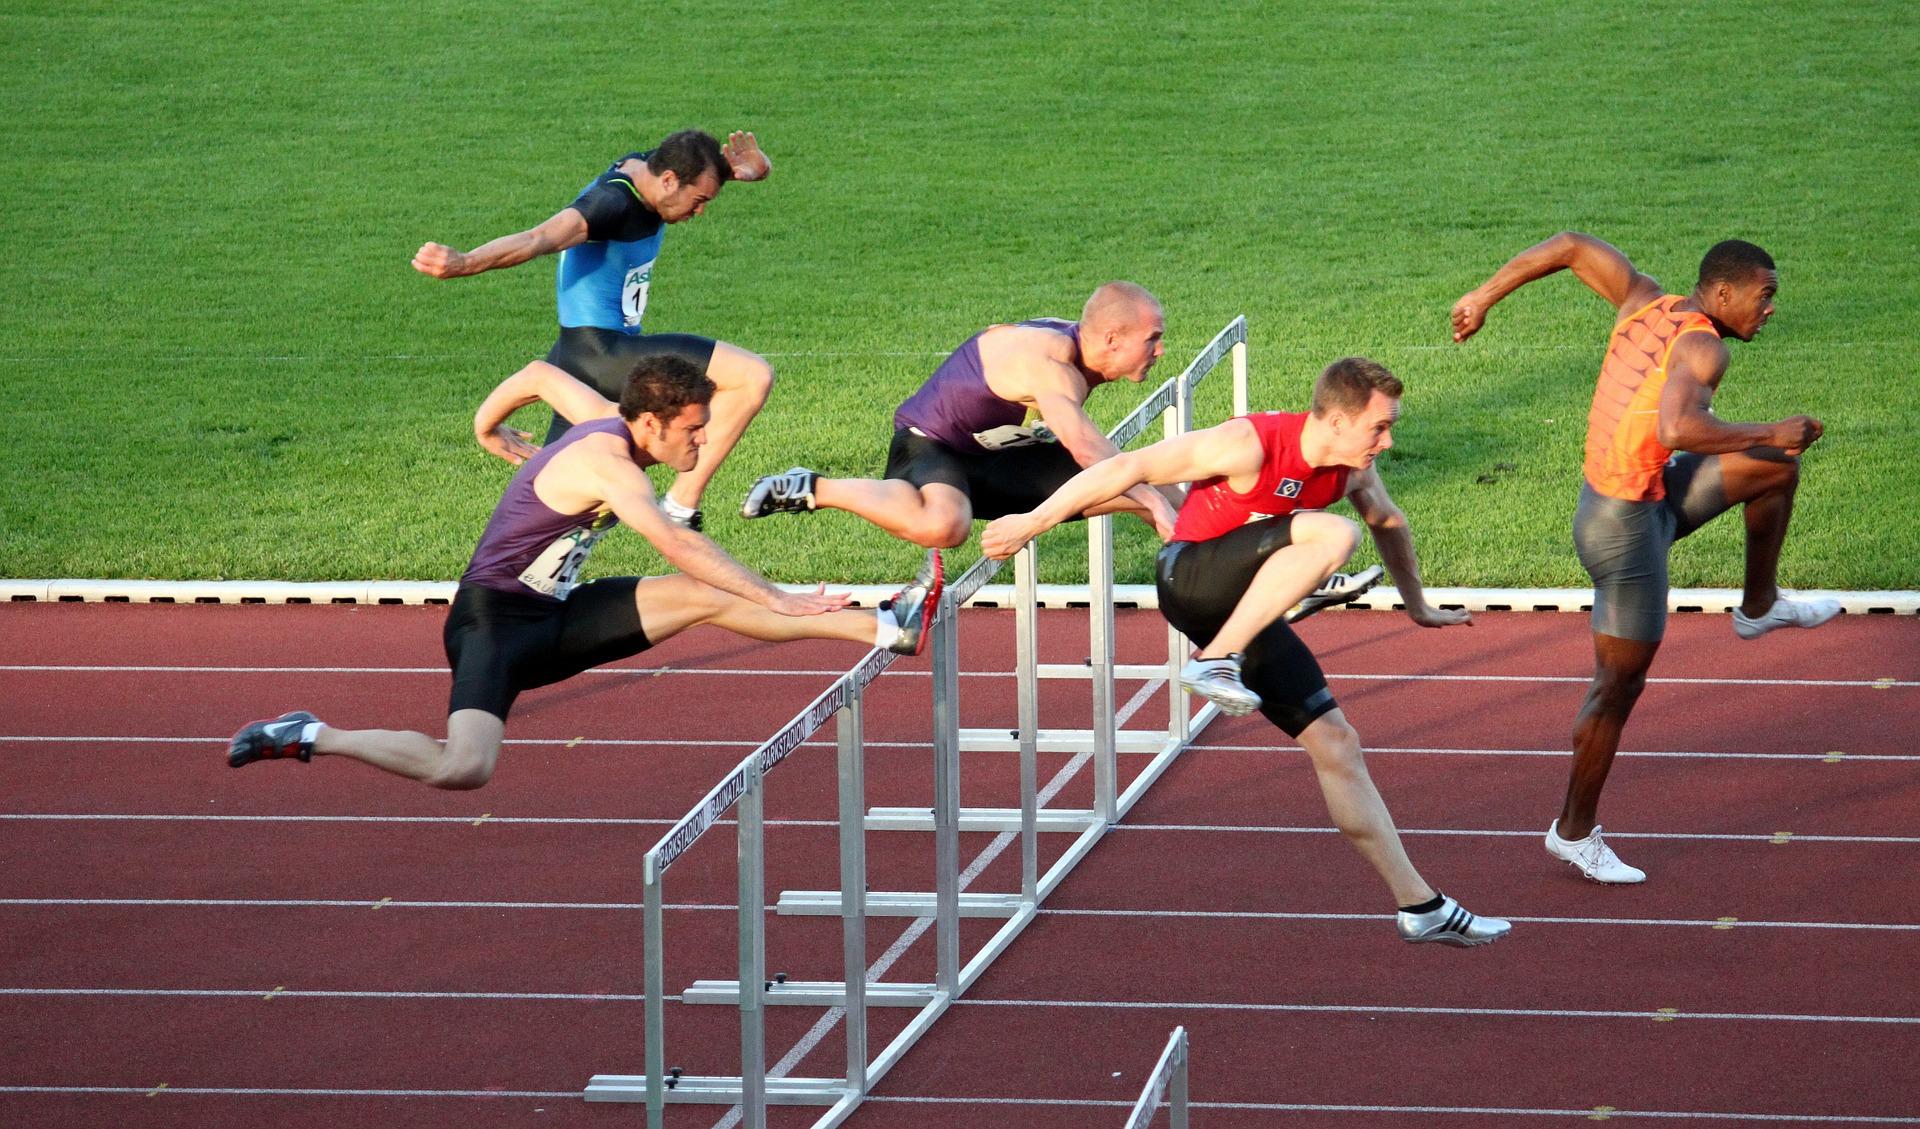 【アスリート】競技力向上 実践編⑦ エクササイズの実施順序と動作速度